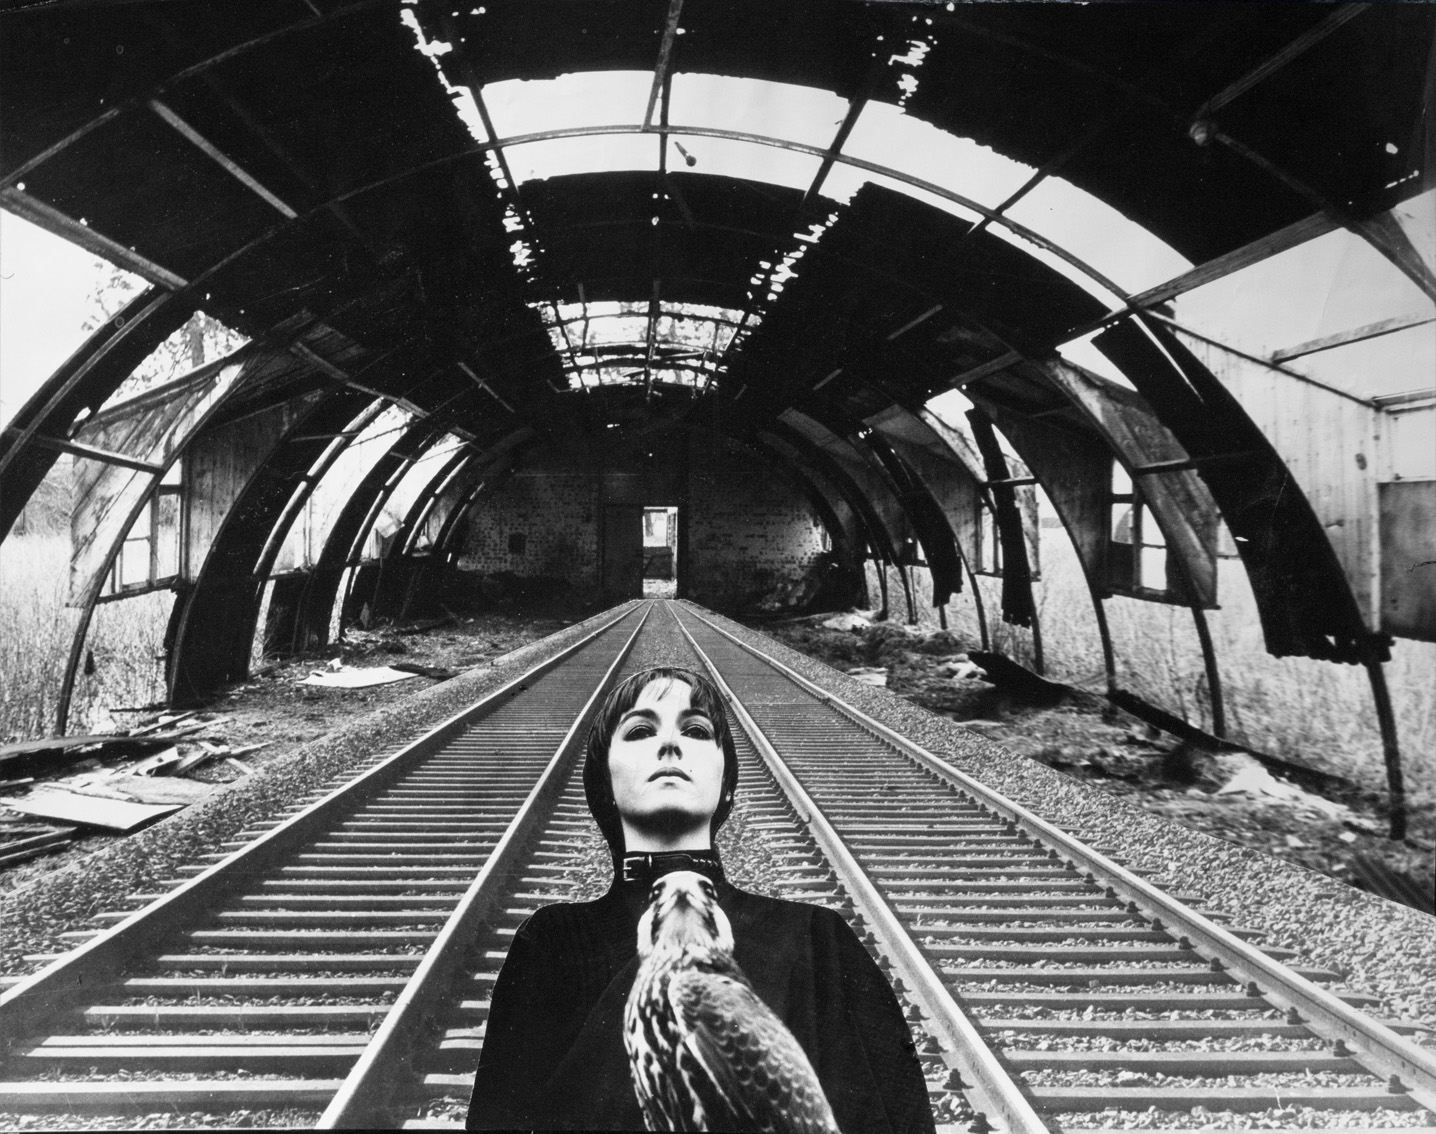 End-of-the-Line-2-1977_Penelope-Slinger.jpg